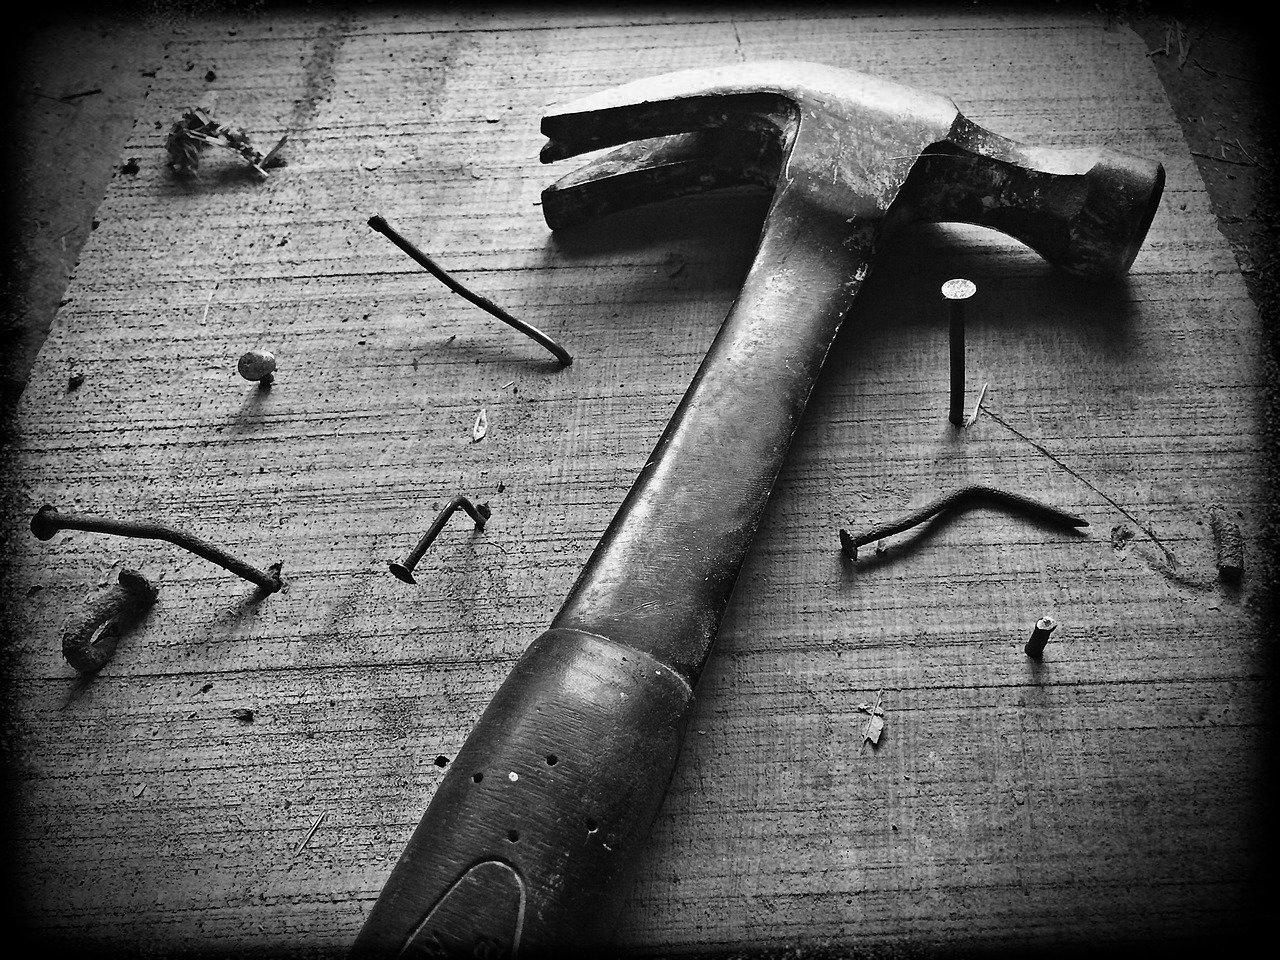 Extension ossature bois à Fontenay-le-comte 85200 : Devis et tarifs